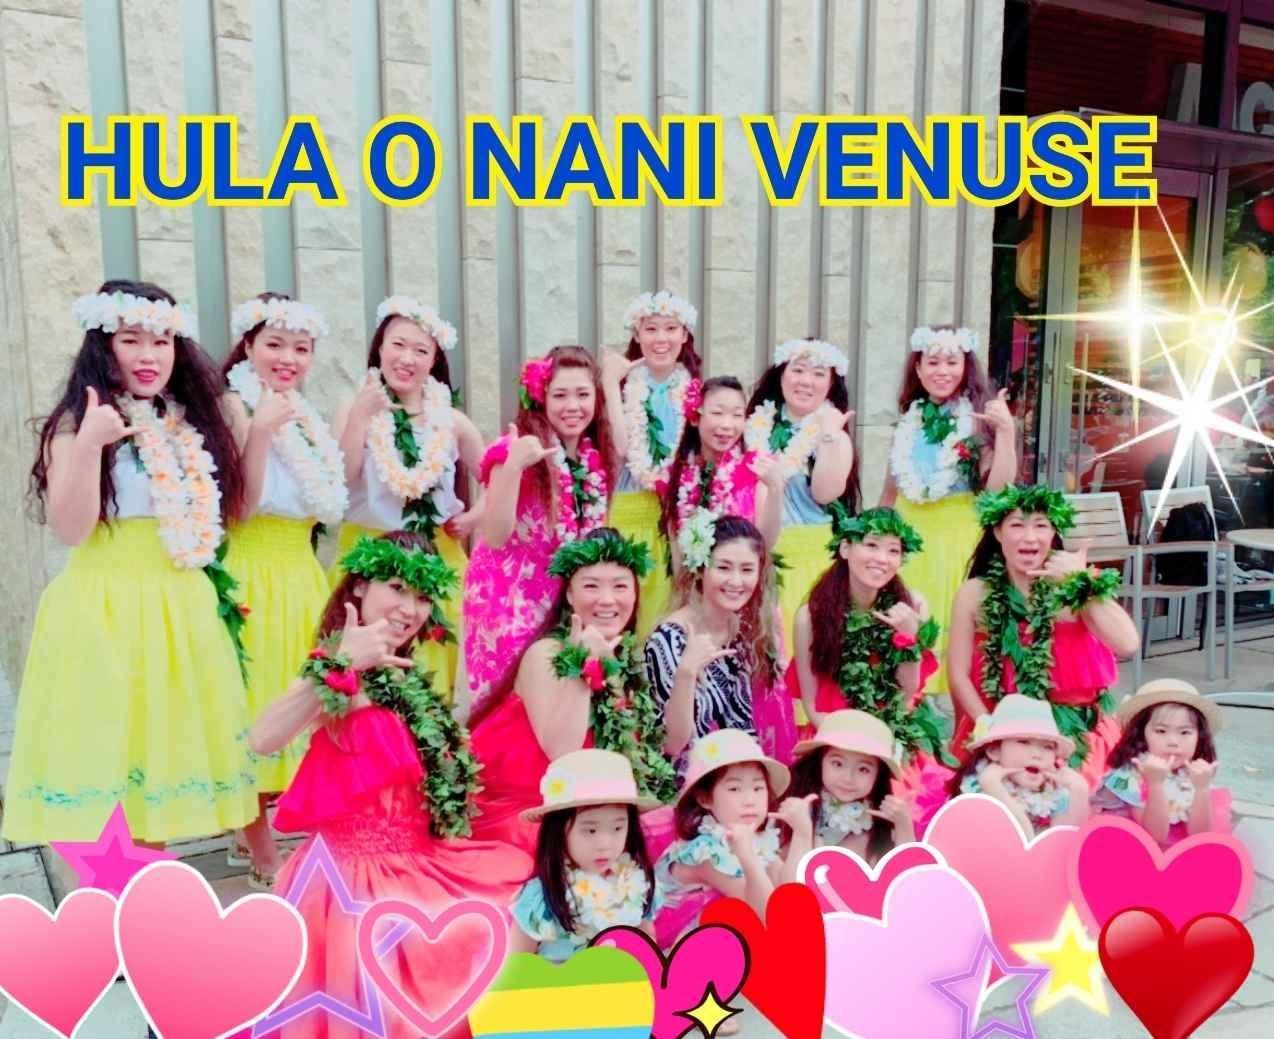 HULA O NANI VENUSE(スタジオヴィーナス)東京・中野